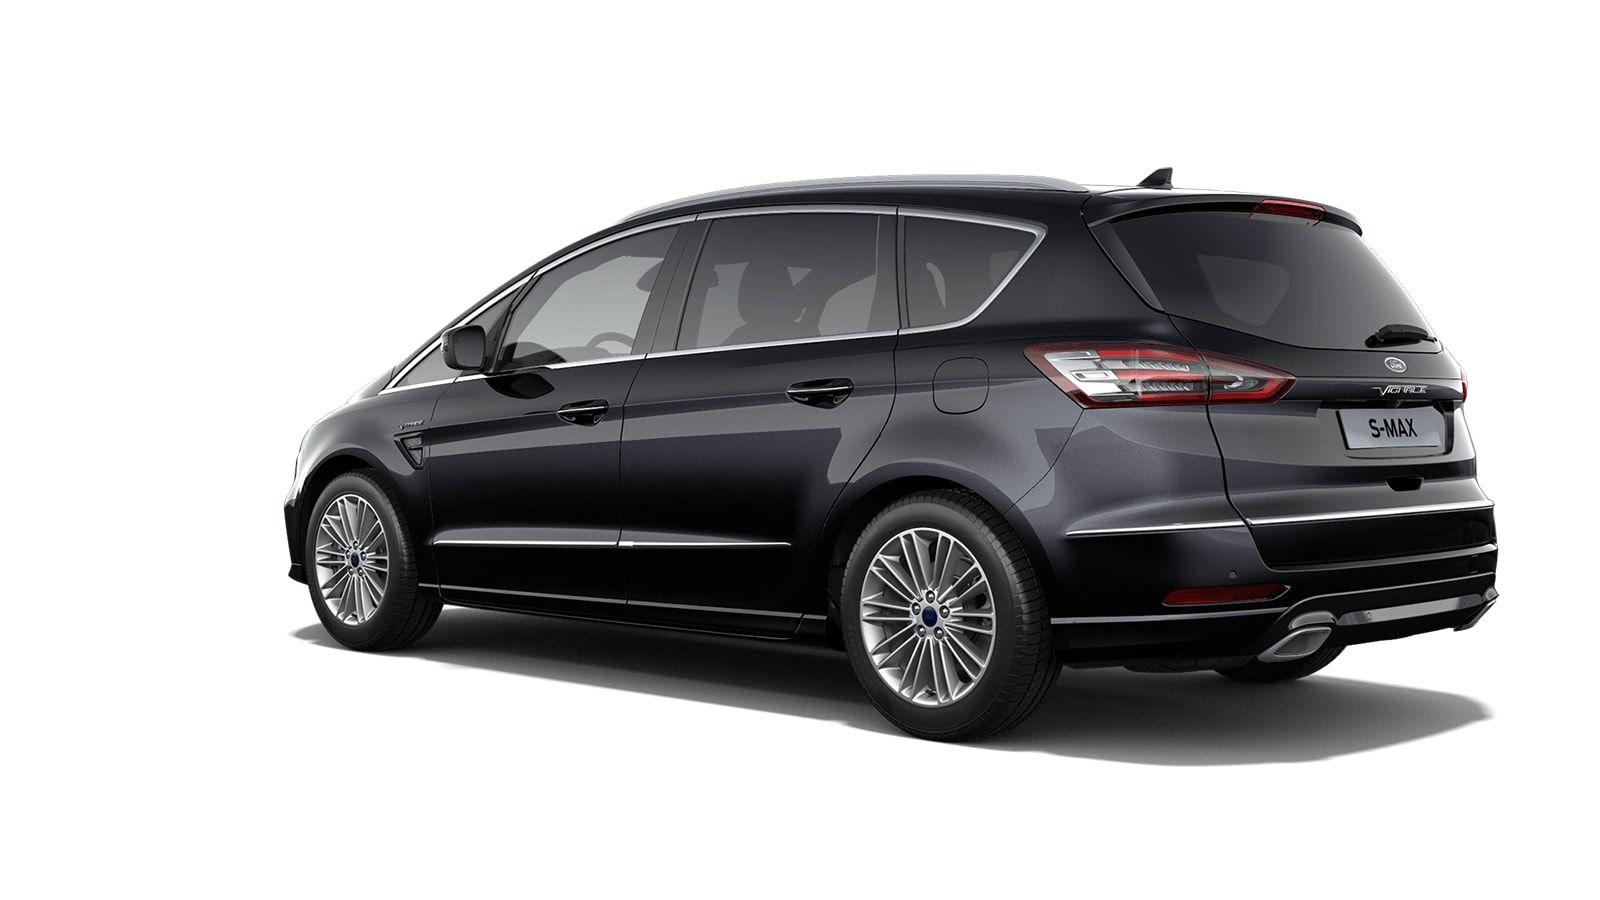 """Demo Ford S-max Vignale 2.5i HEV 190pk / 140kW HF45aut - 5d 9I6 - """"Agate Black Vignale"""" metaalkleur 2"""